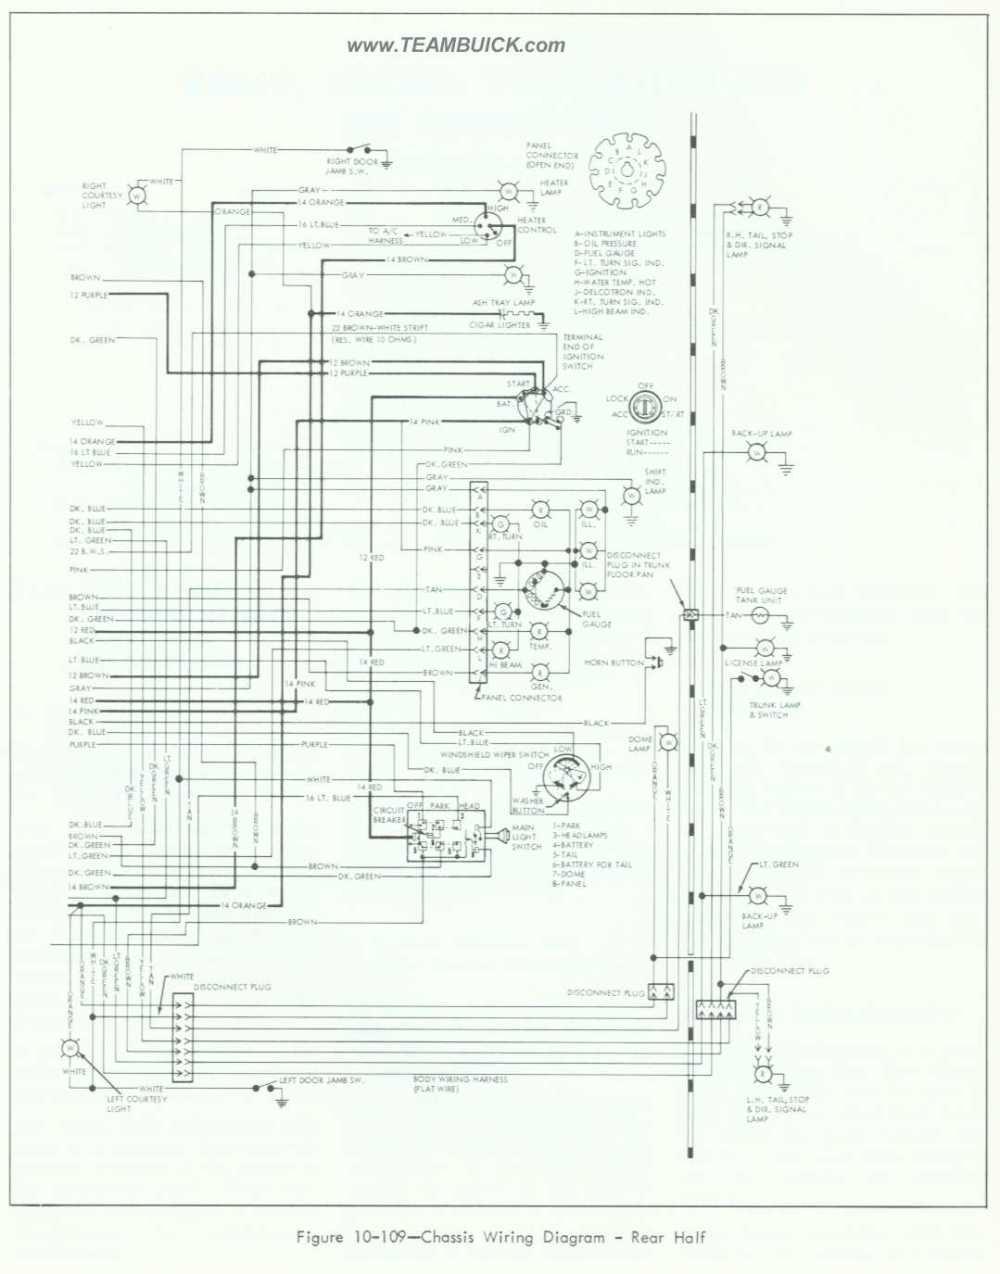 medium resolution of 1964 buick special skylark wiring diagram rear half